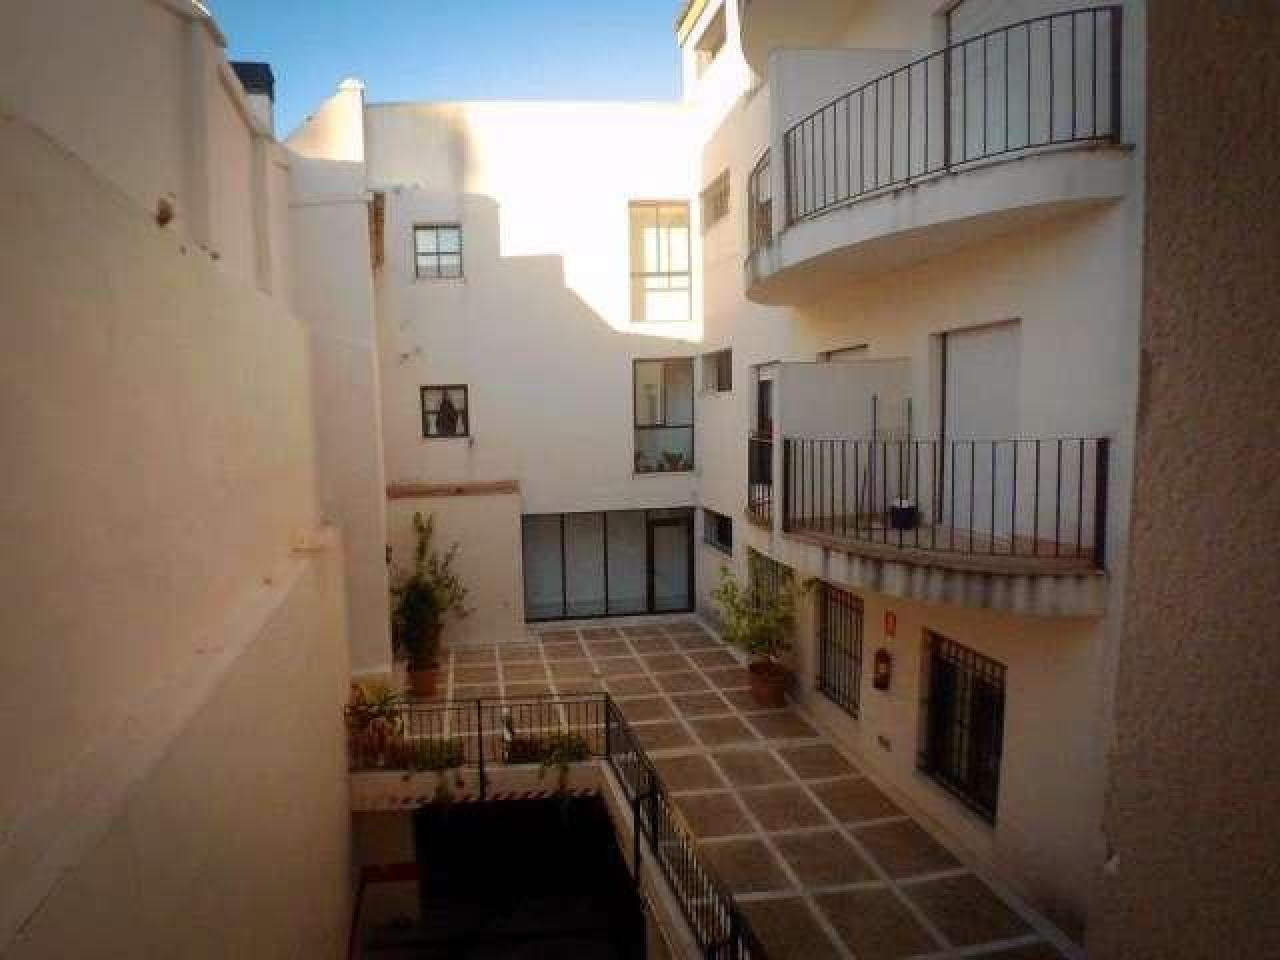 Casas vacacionales Jerez de la Frontera, Cádiz